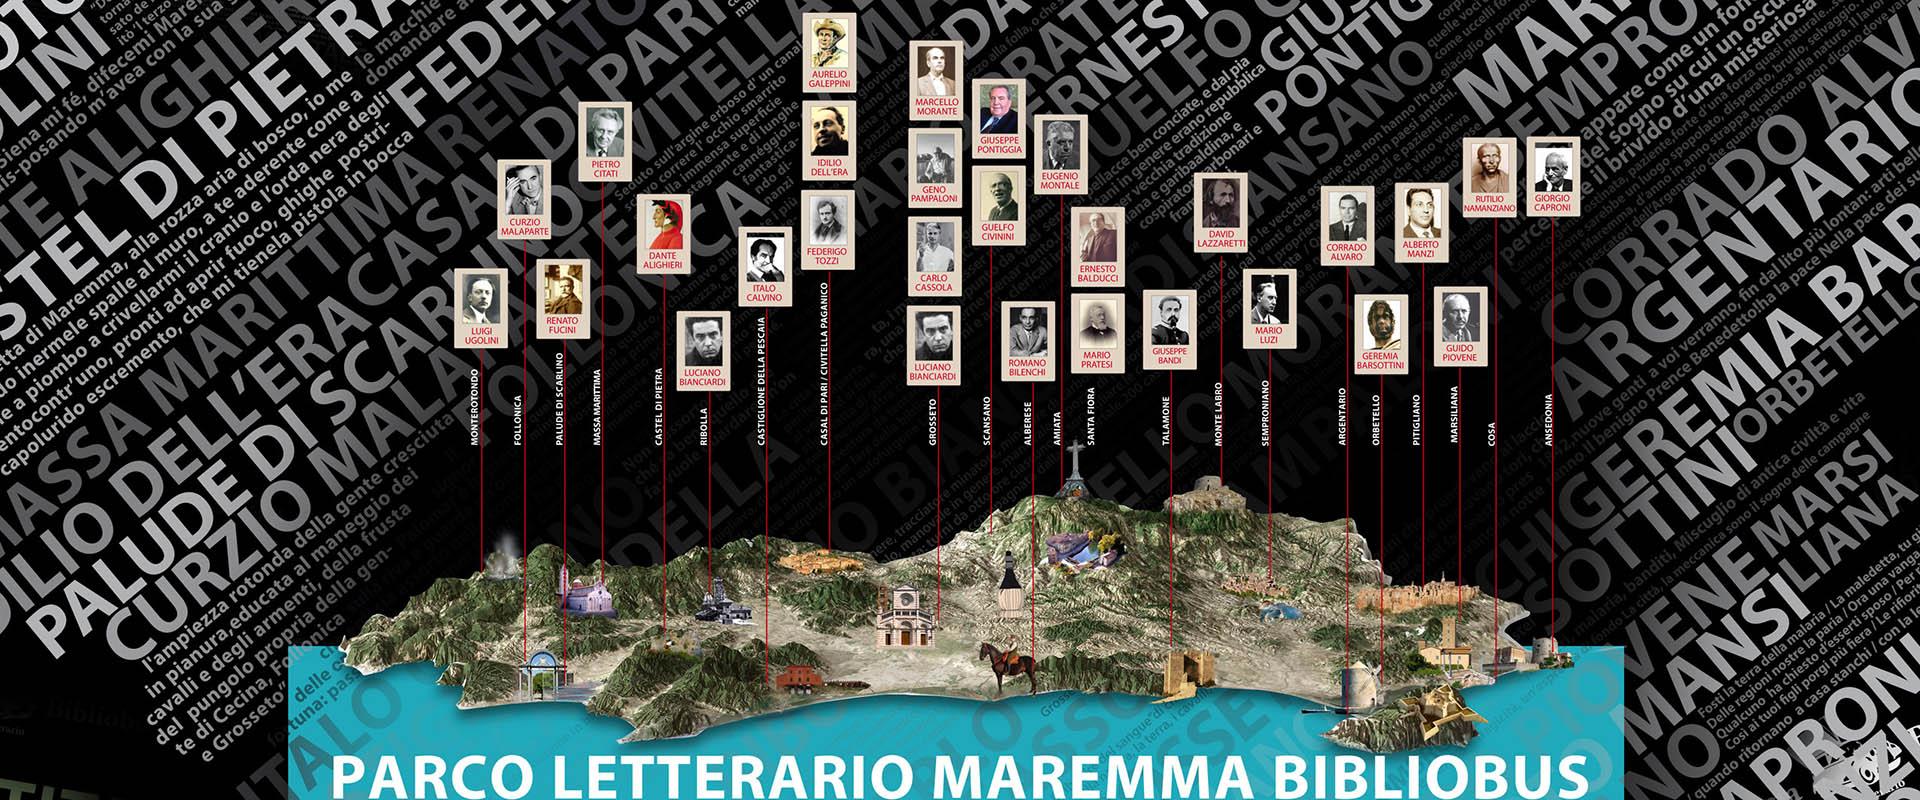 aironic_ugo-capparelli_comunicazione_grosseto_parco_letterario_maremma_bibliobus